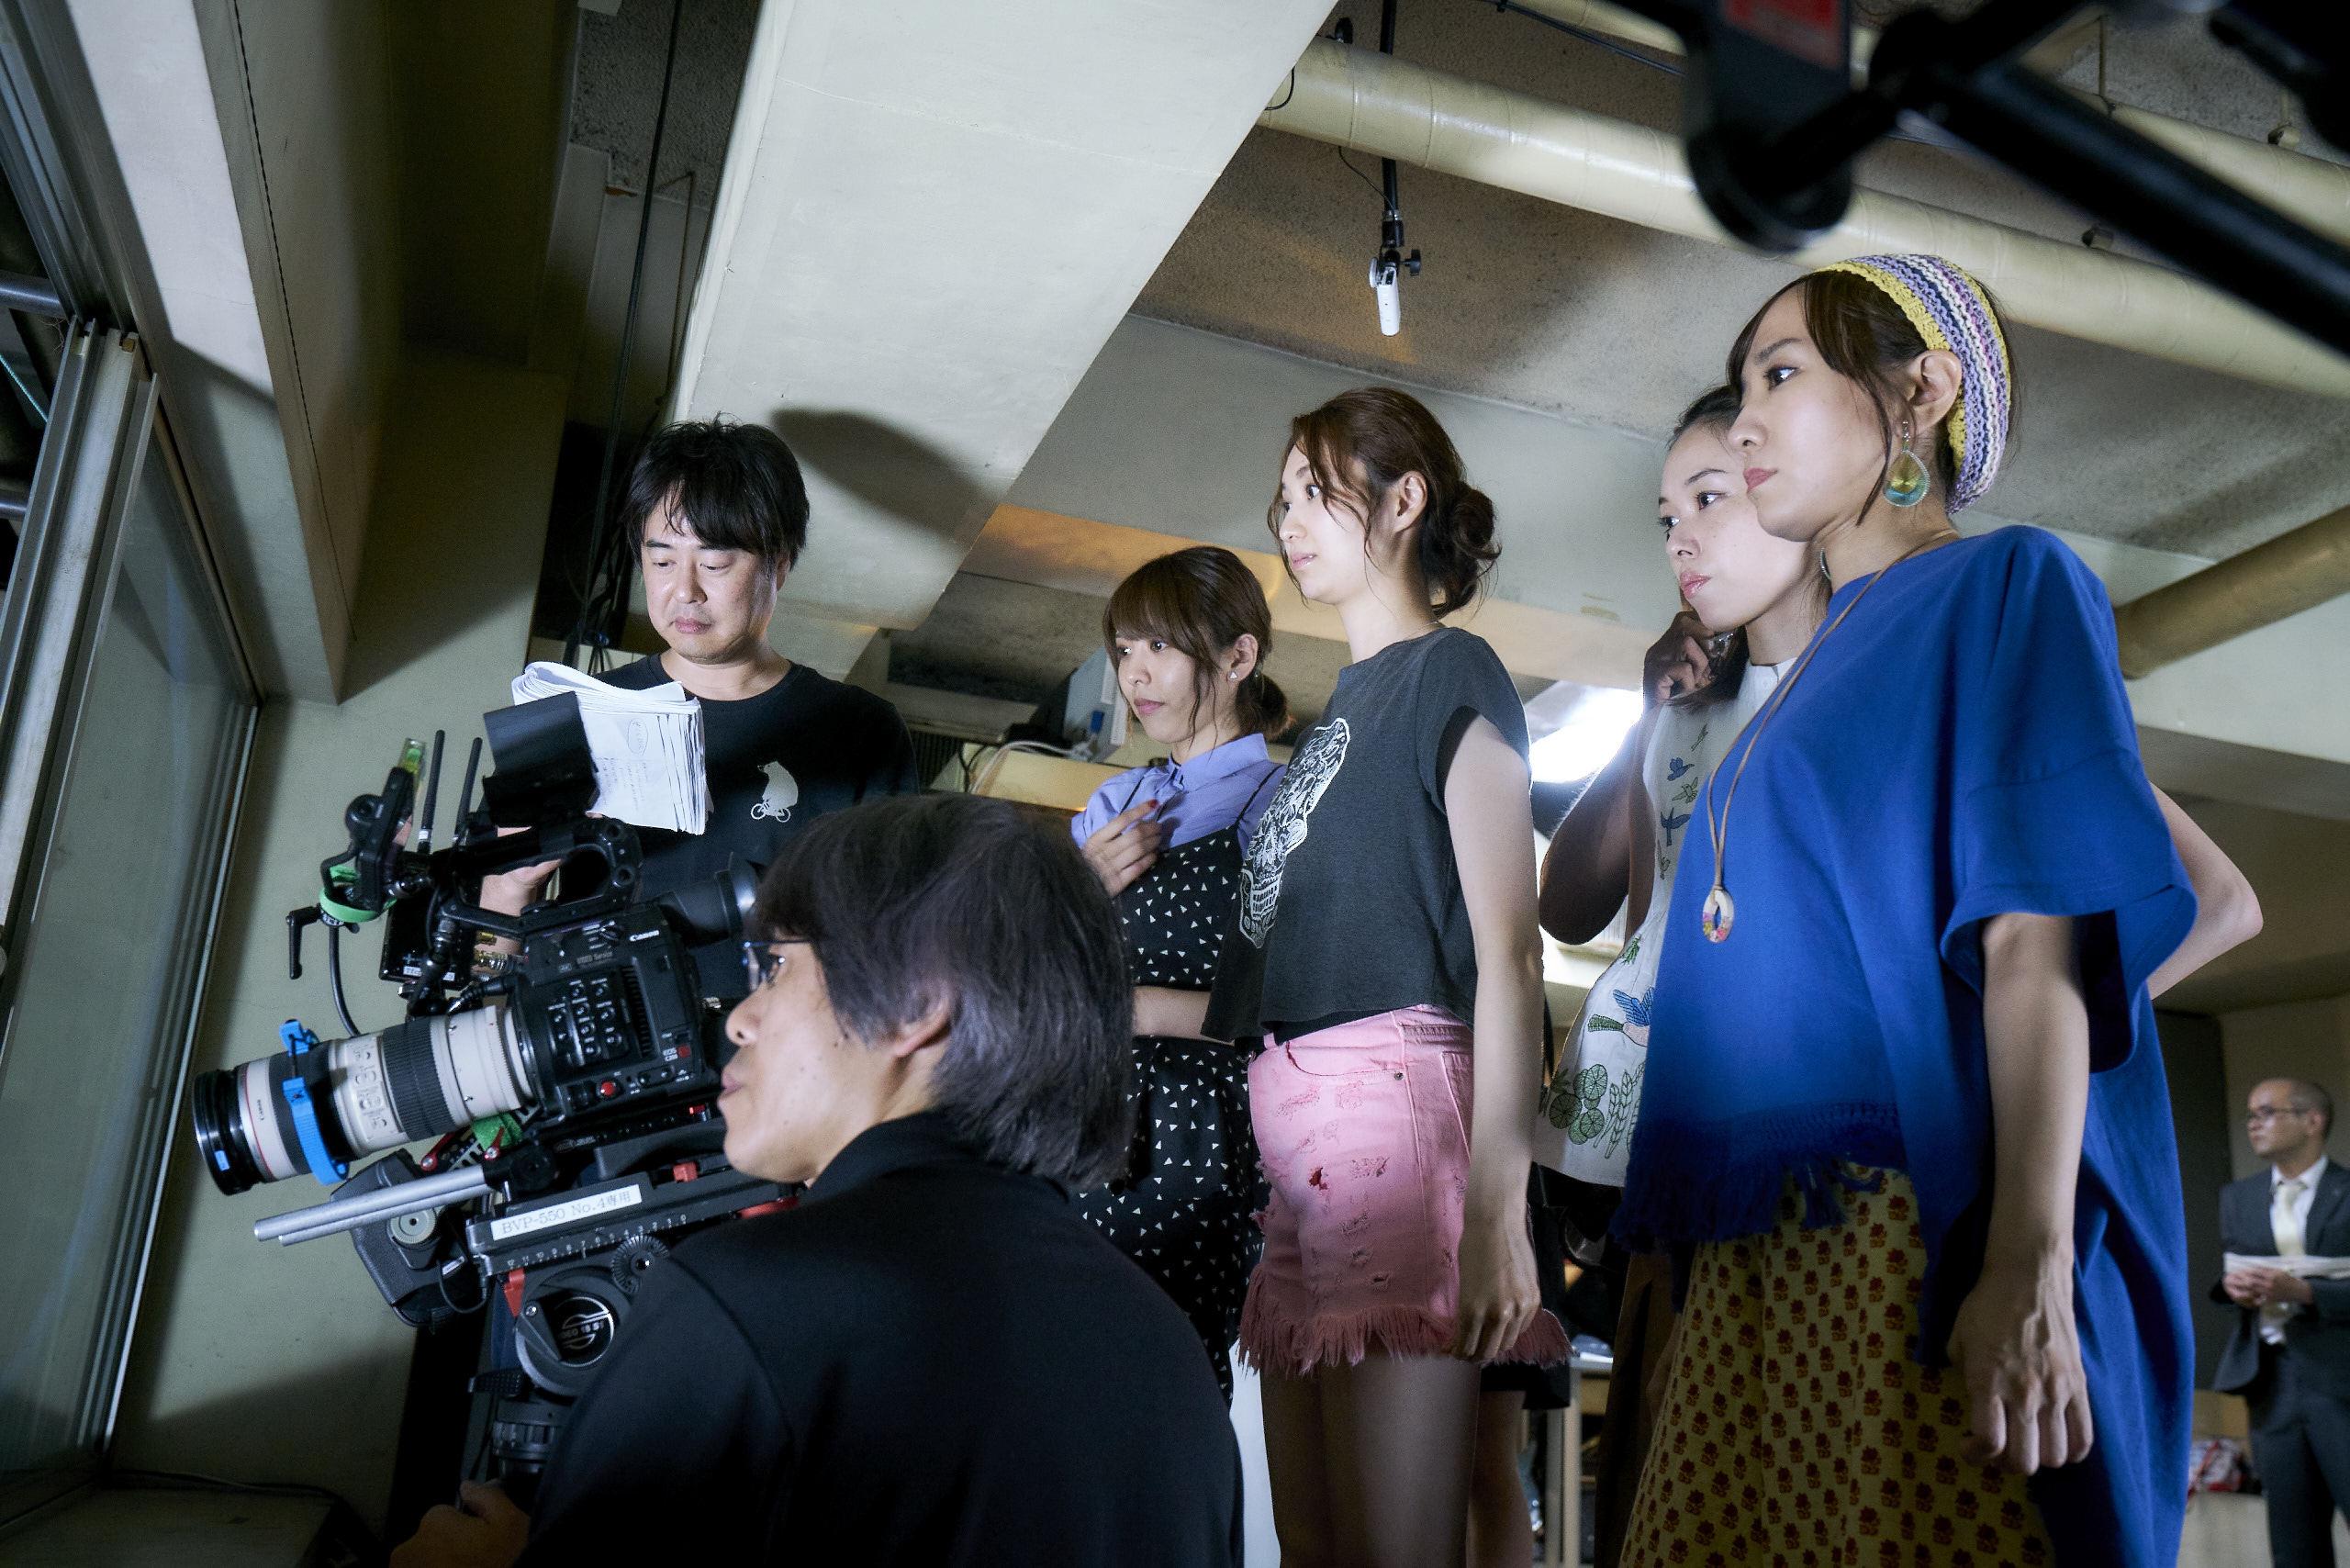 徳尾浩司監督 「SHELTER」撮影風景  (C)2019「劇団スフィア」製作委員会